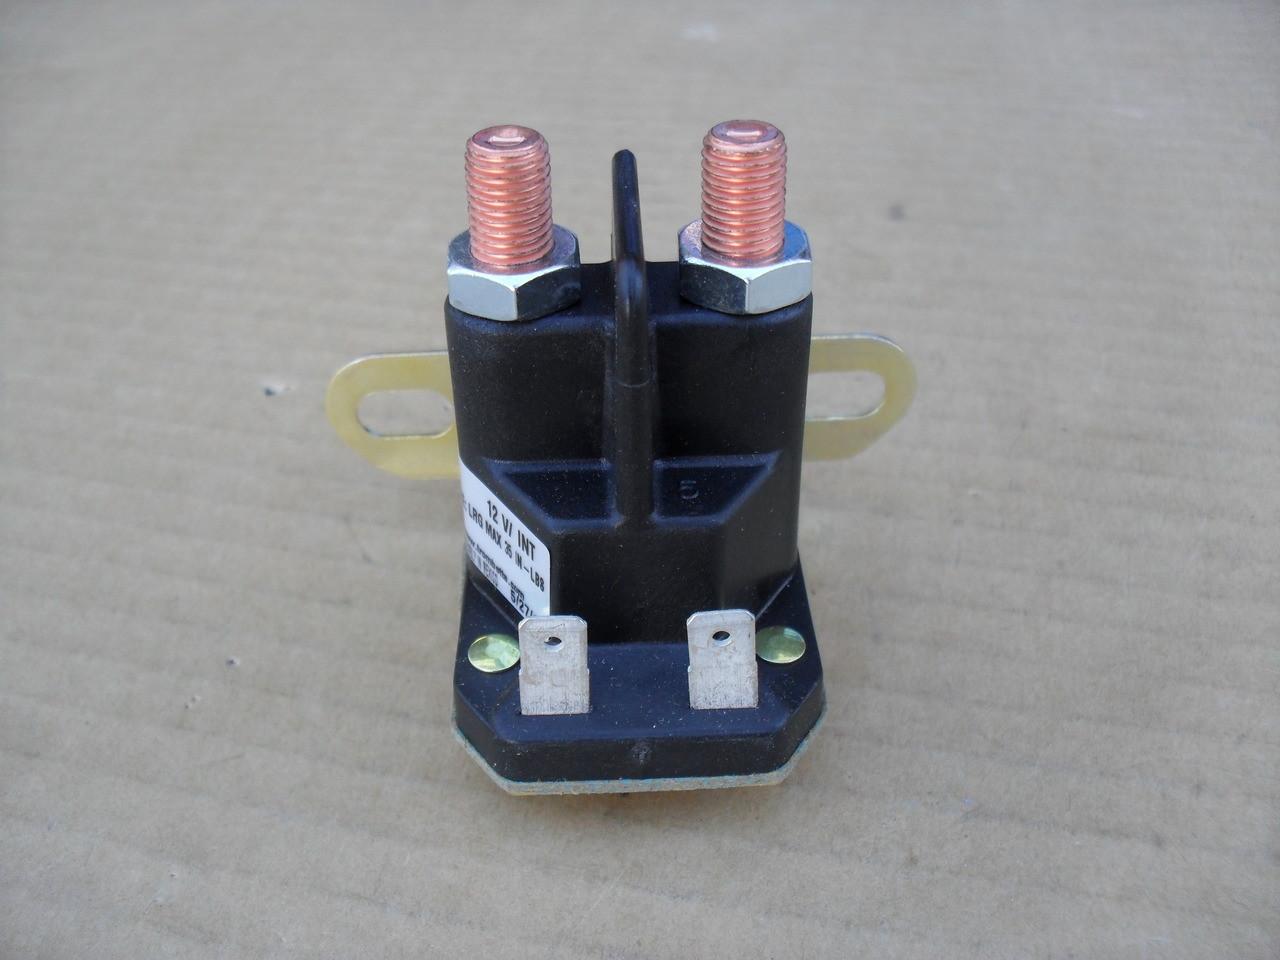 Starter Solenoid For John Deere And Scotts L100 L110 L118 120. Starter Solenoid For John Deere And Scotts L100 L110 L118 120 L130. John Deere. John Deere La130 Parts Diagram Fuel Selinoid At Scoala.co